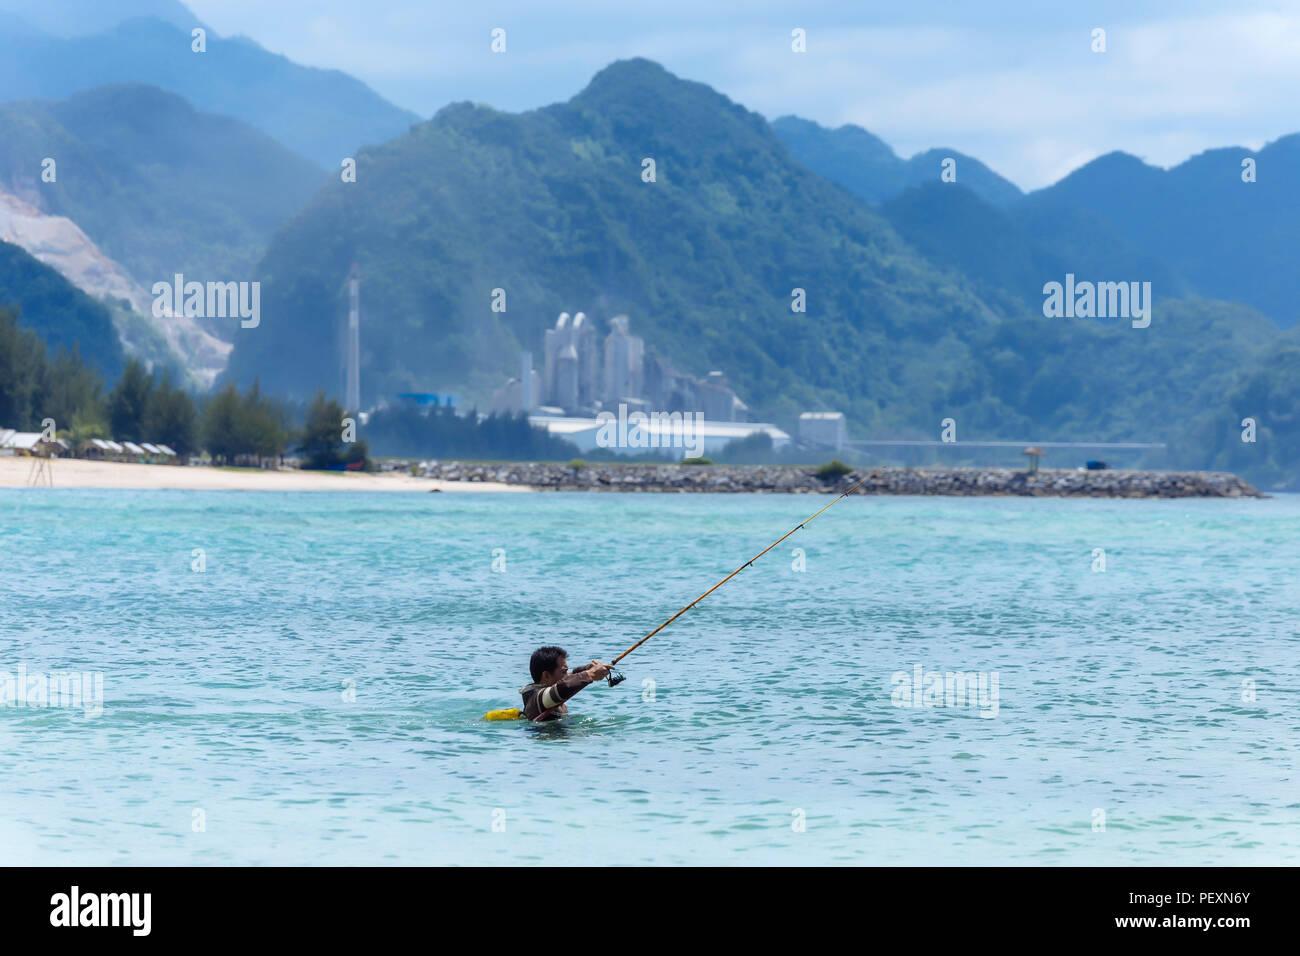 Pescatore in mare con la canna da pesca 34e436d9628a